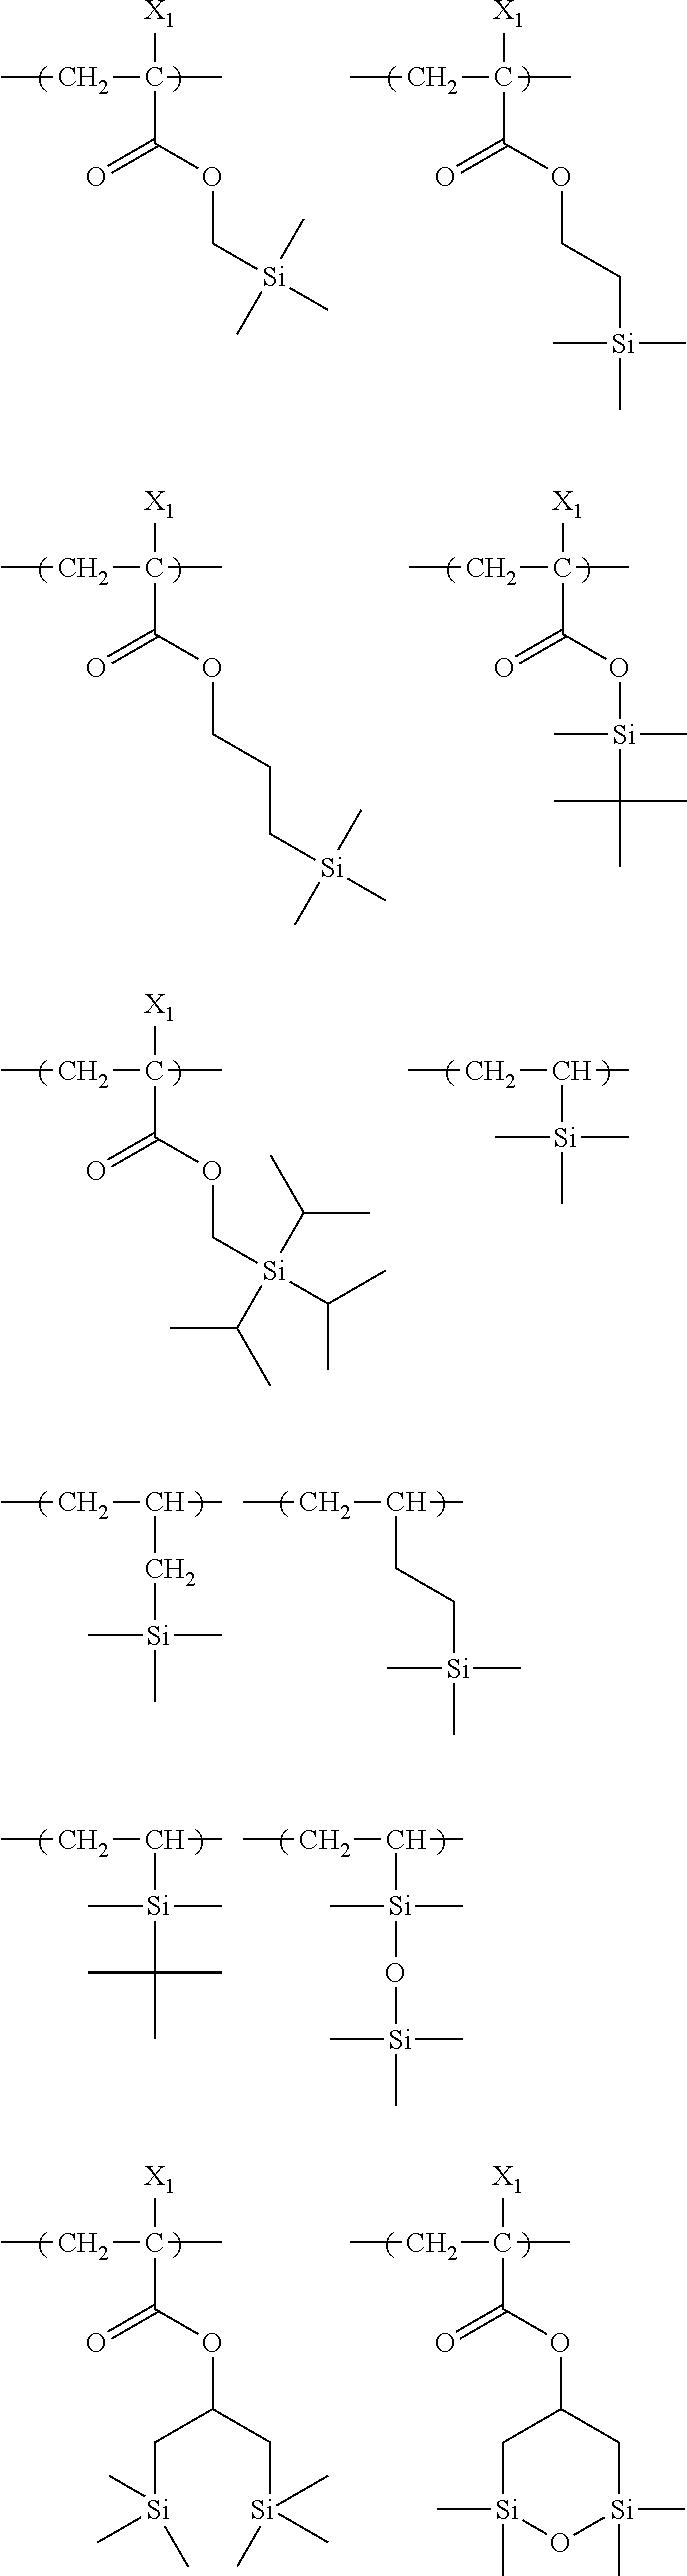 Figure US20110183258A1-20110728-C00106